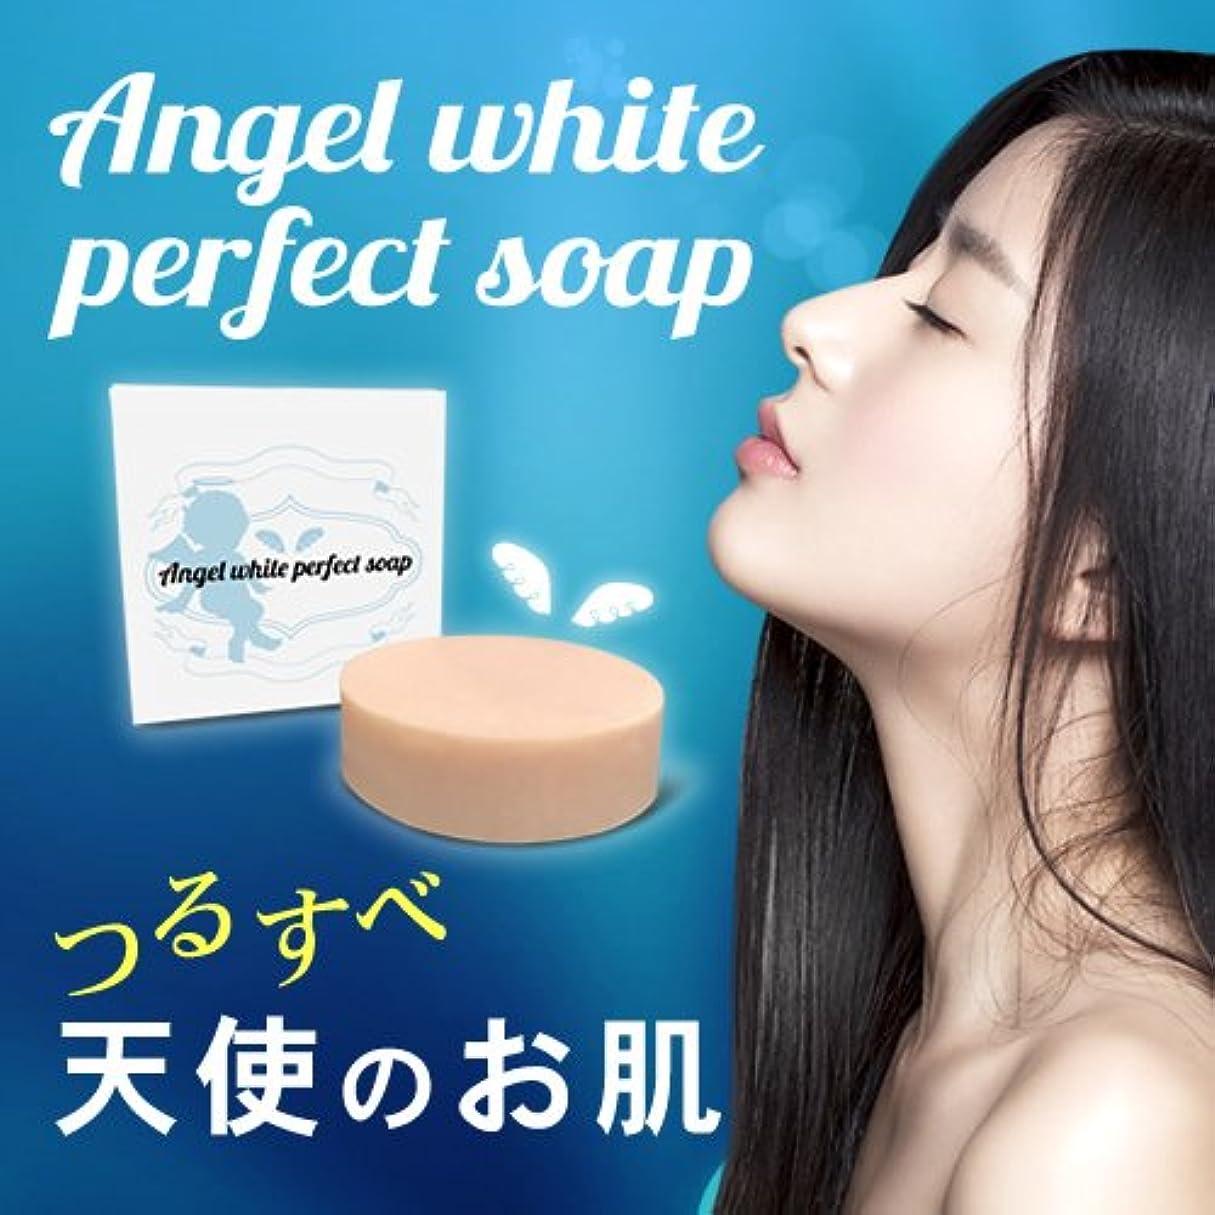 バレーボール中国仲良しAngel White Perfect Soap(エンジェルホワイトパーフェクトソープ) 美白 美白石けん 美肌 洗顔石鹸